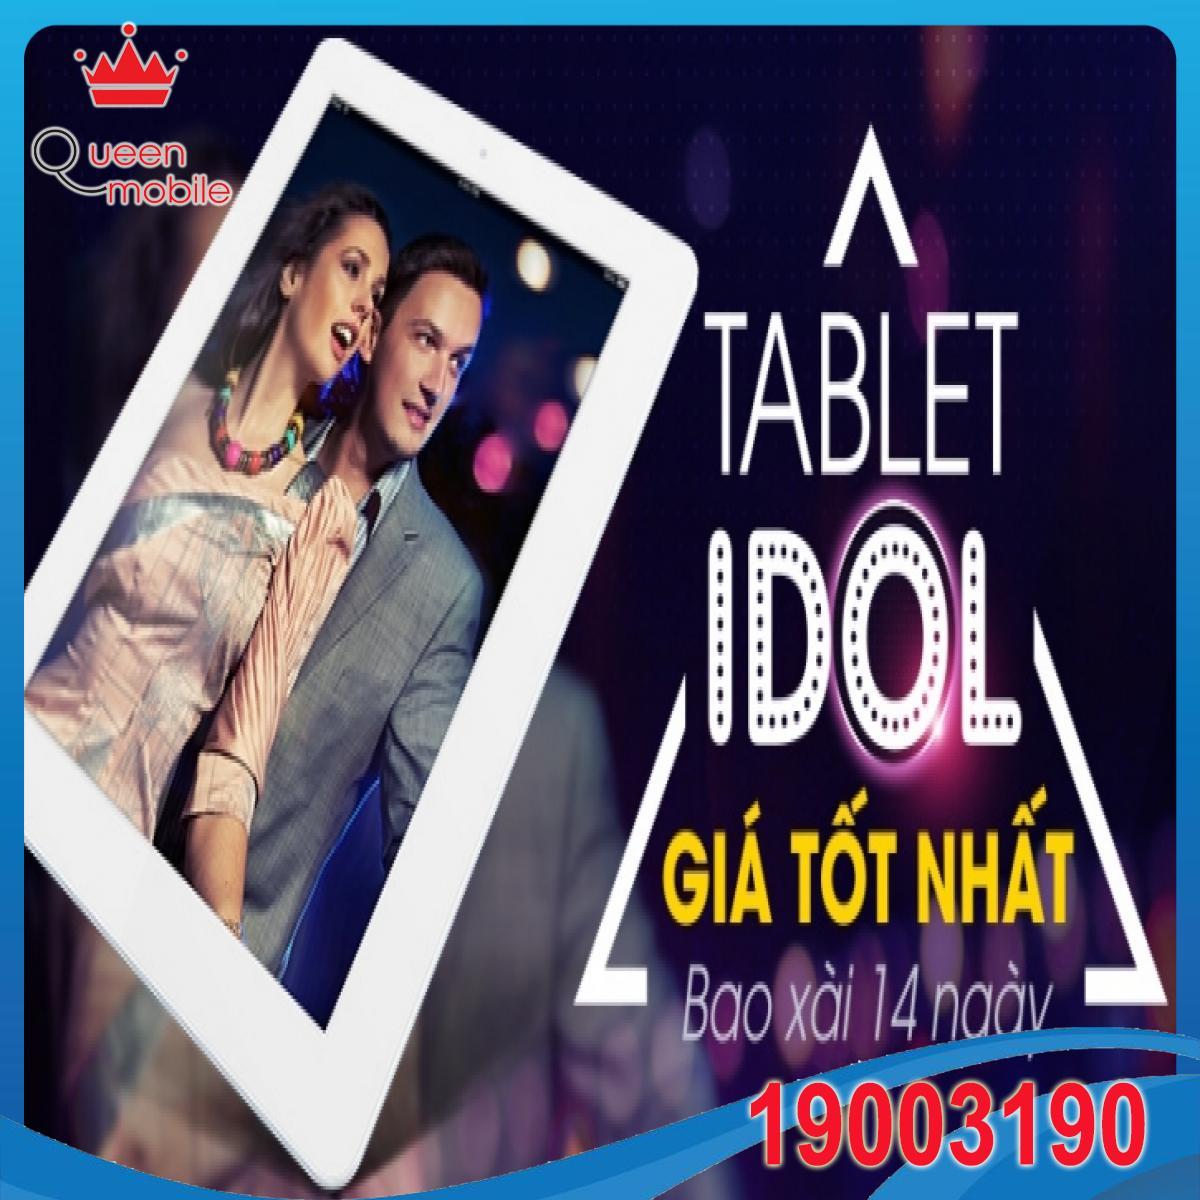 Tablet IDOL - Giá tốt nhất - Bao xài 14 ngày